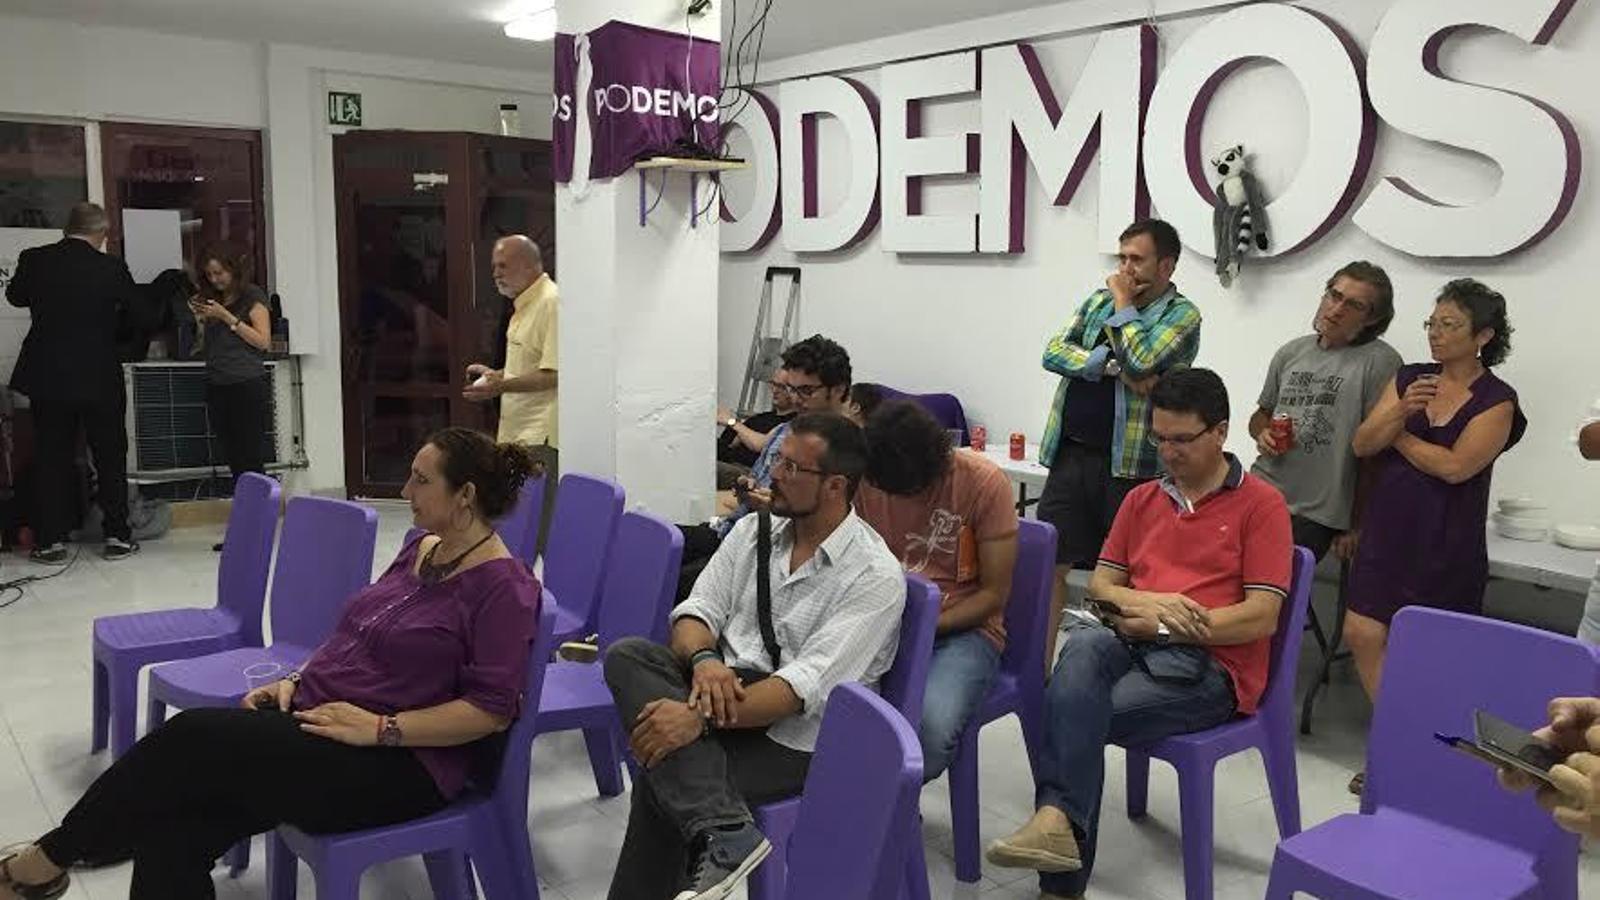 El candidat a senador per les Pitiüses Mario Devis mira els resultats a la seu de Podem